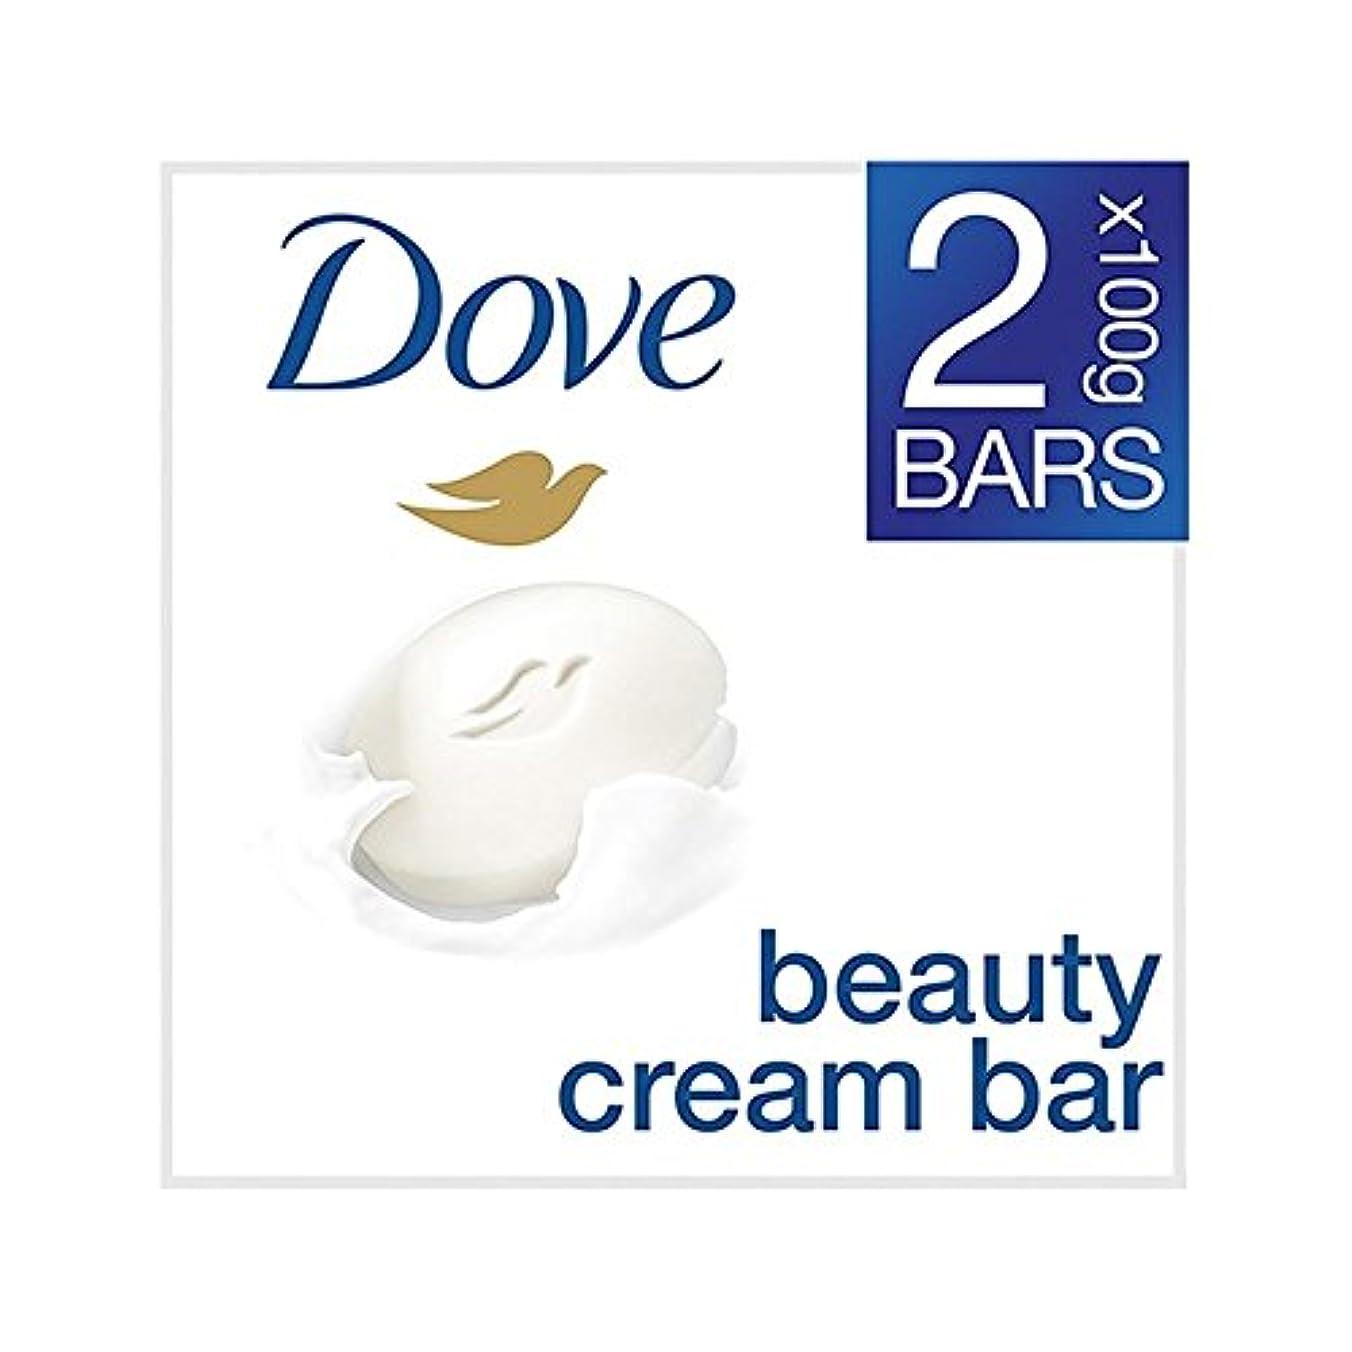 繊毛全体に短くする[Dove ] 鳩の美容クリームバーオリジナルの2×100グラム - Dove Beauty Cream Bar Original 2 x 100g [並行輸入品]